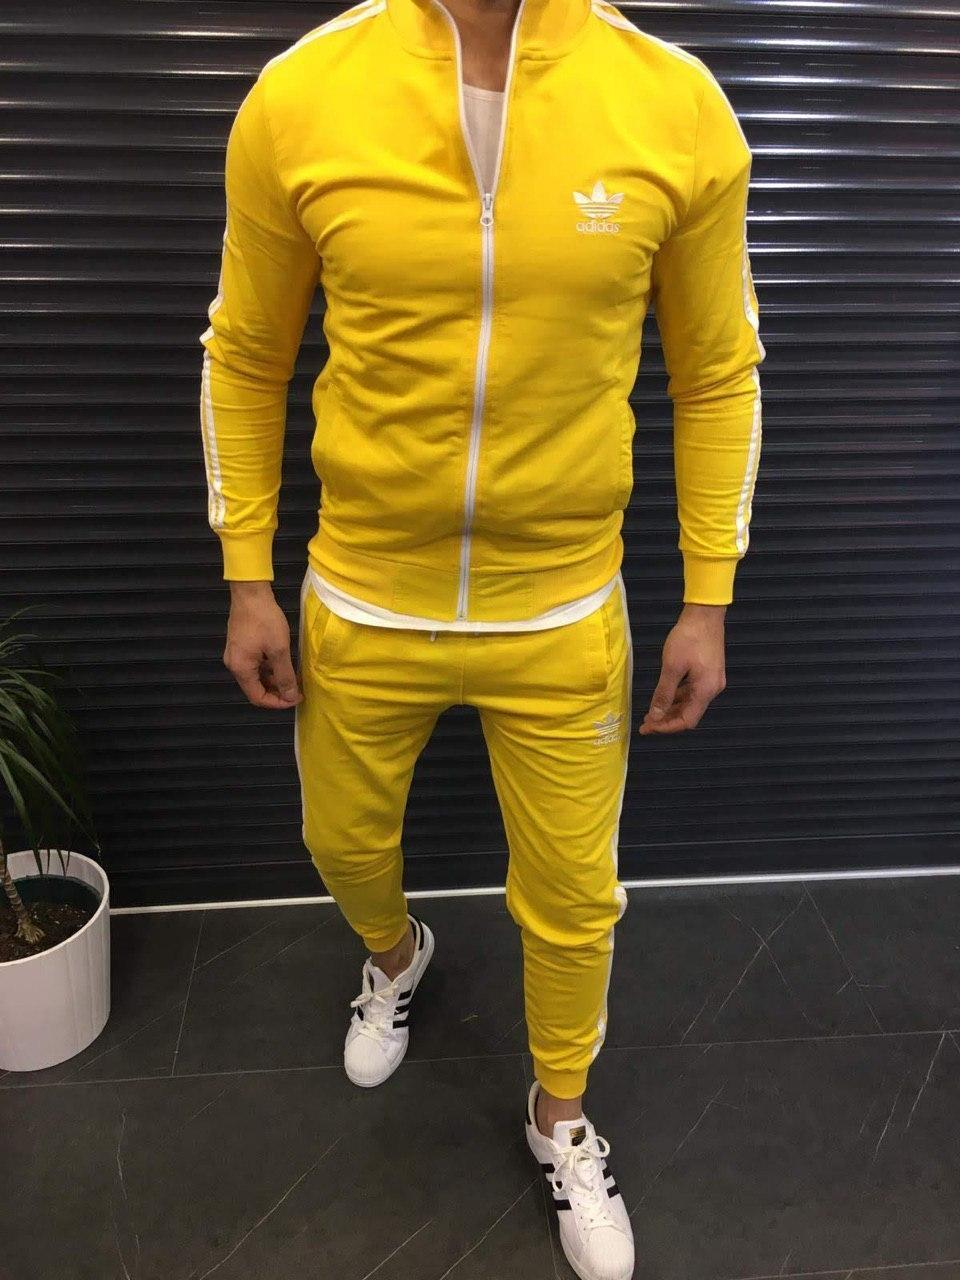 Спортивный костюм мужской желтый с белыми полосами с олимпийкой Adidas